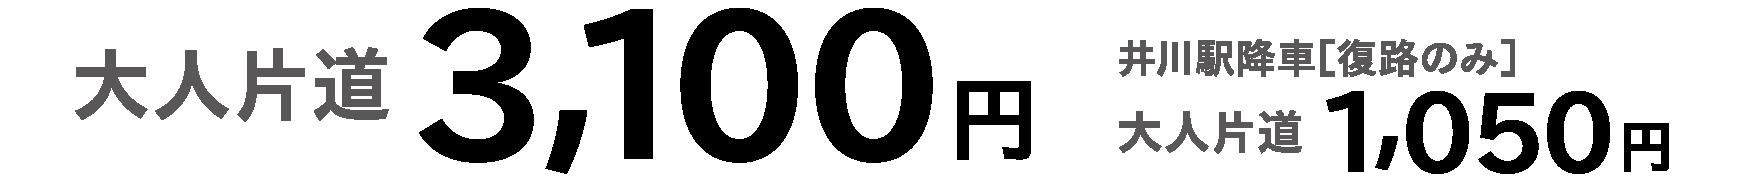 大人片道3,100円(井川駅降車「往路のみ」大人片道1,050円)